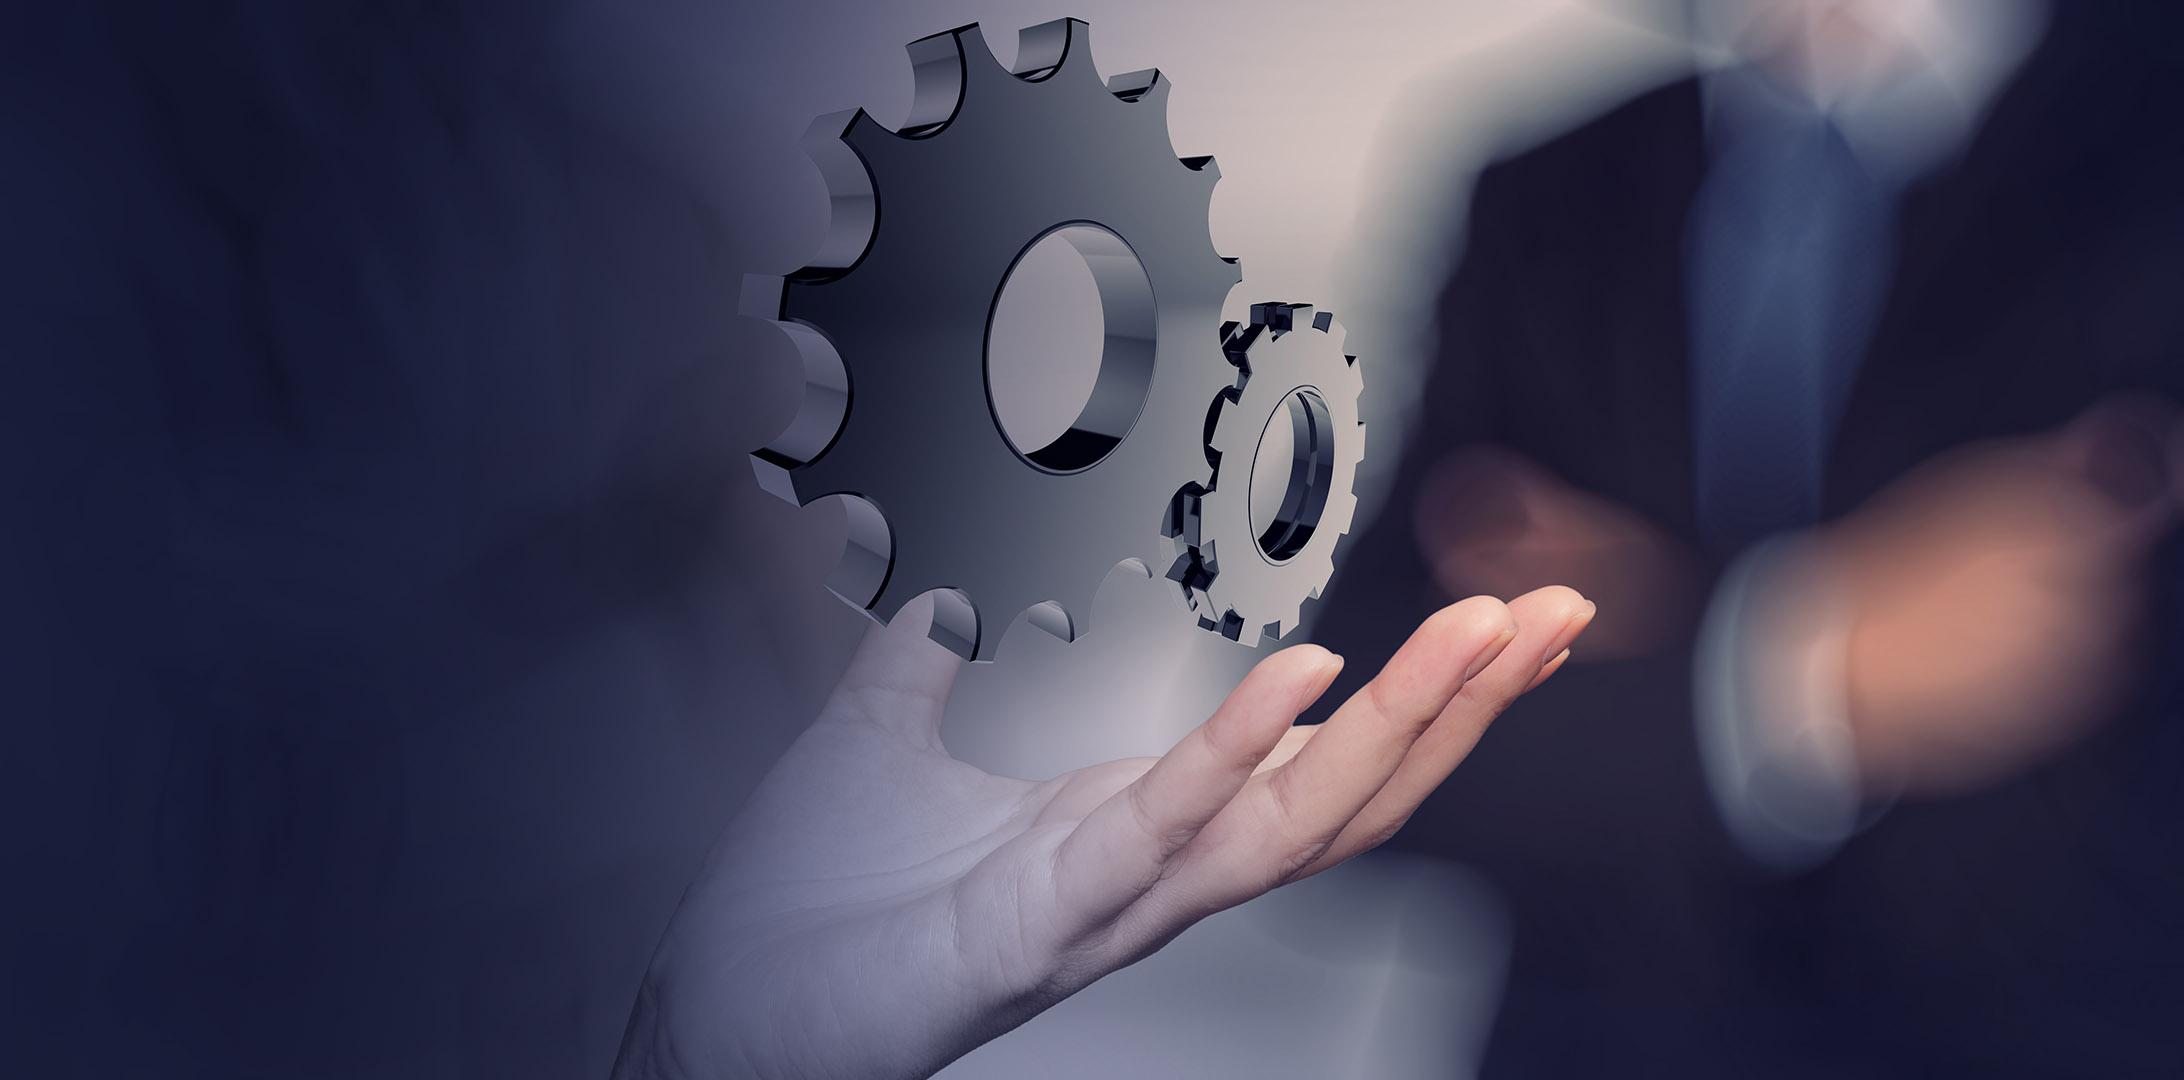 Decreto Legge per tutela del lavoro e risoluzione di crisi aziendali